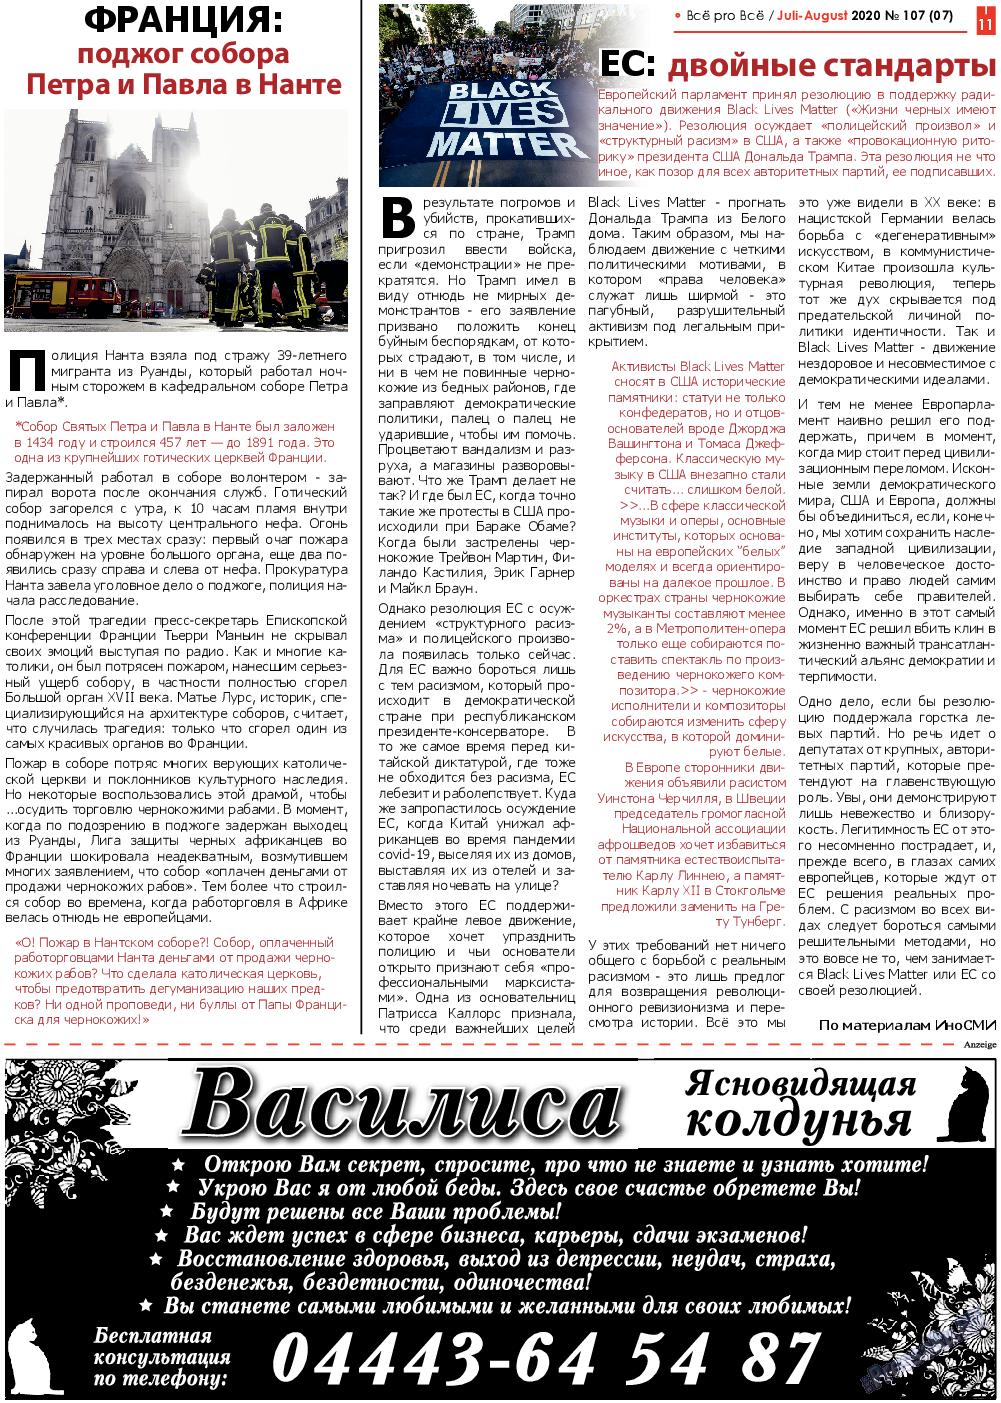 Все pro все (газета). 2020 год, номер 107, стр. 11